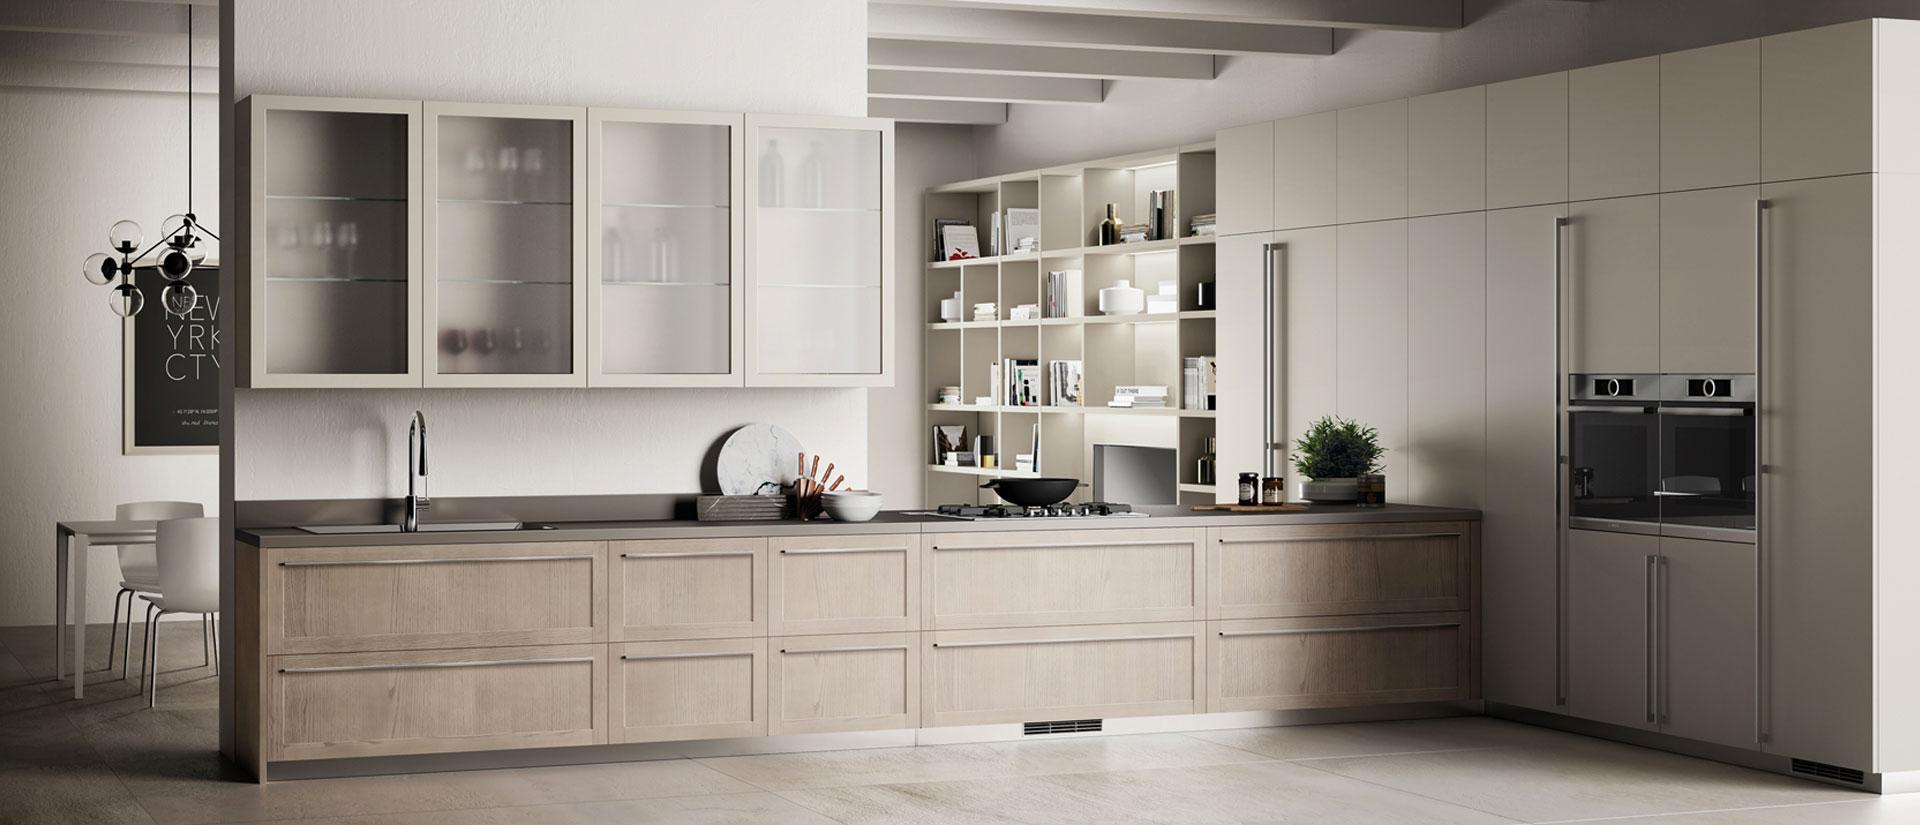 Tutte le caratteristiche della cucina Scavolini Carattere - Casadesign